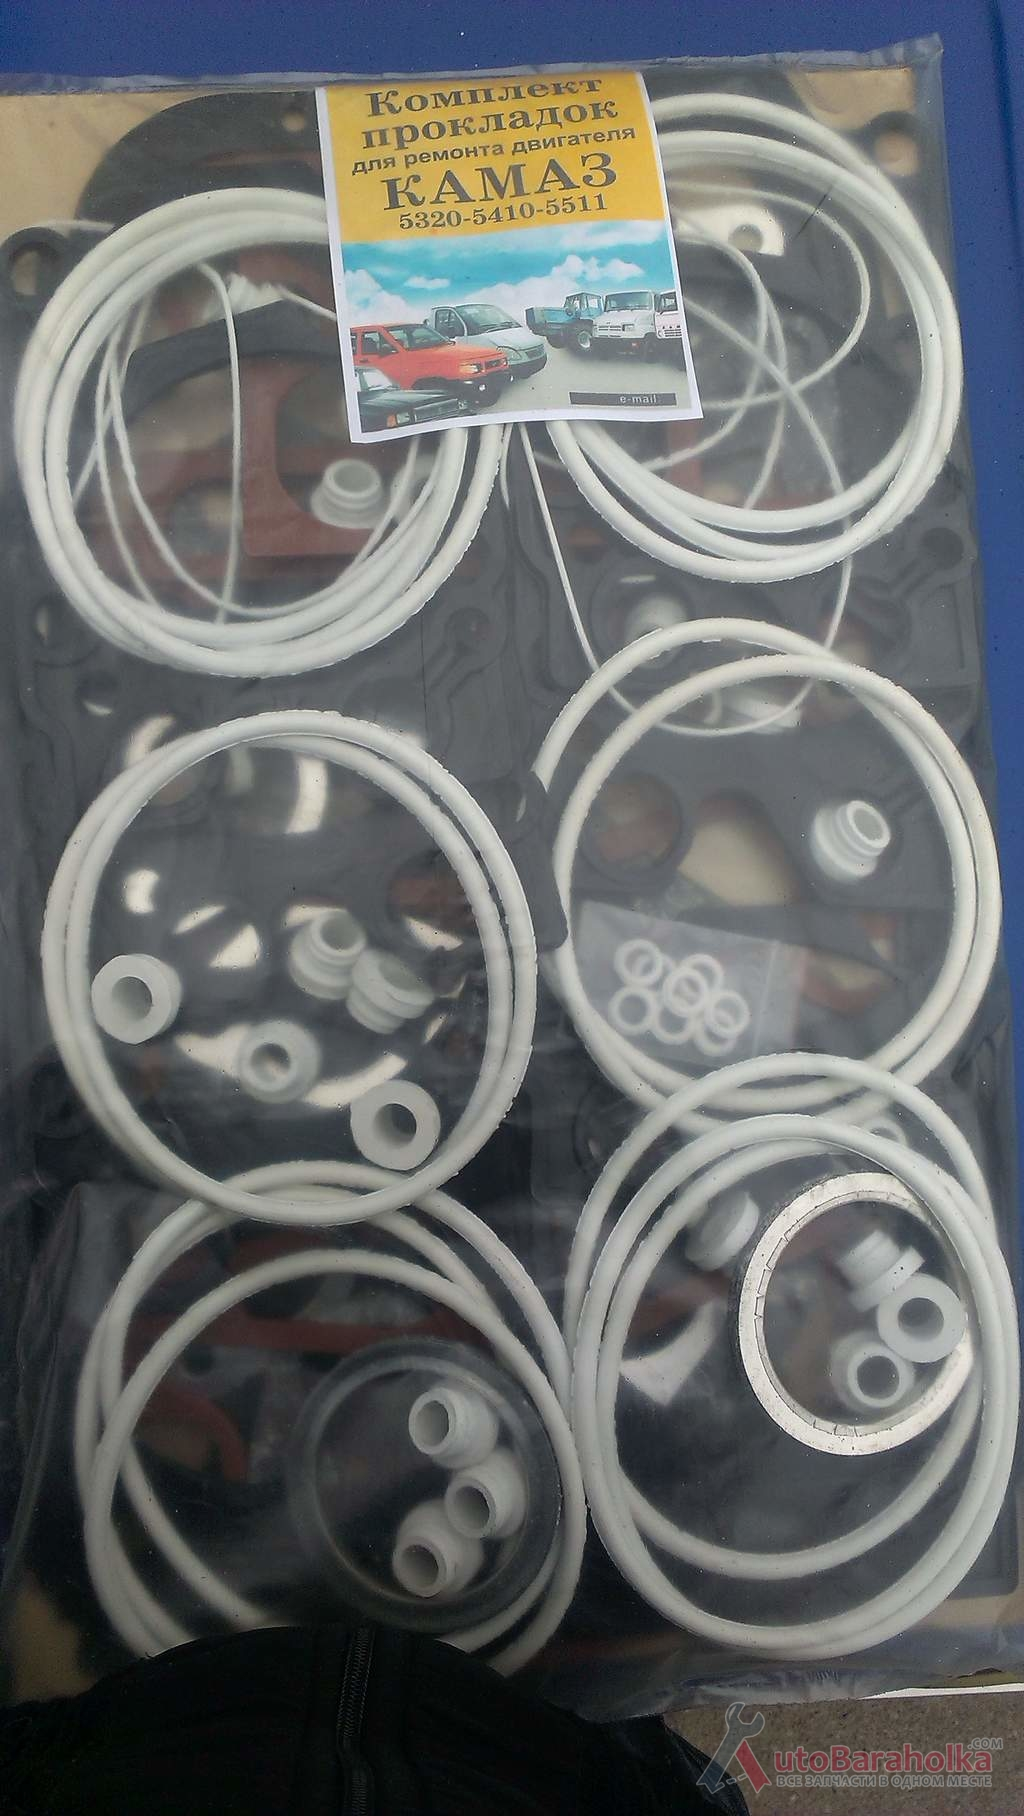 Продам Прокладки двигателя Камаз полный Заводской номер 740.1000100 Производитель Белая Церковь Запорожье